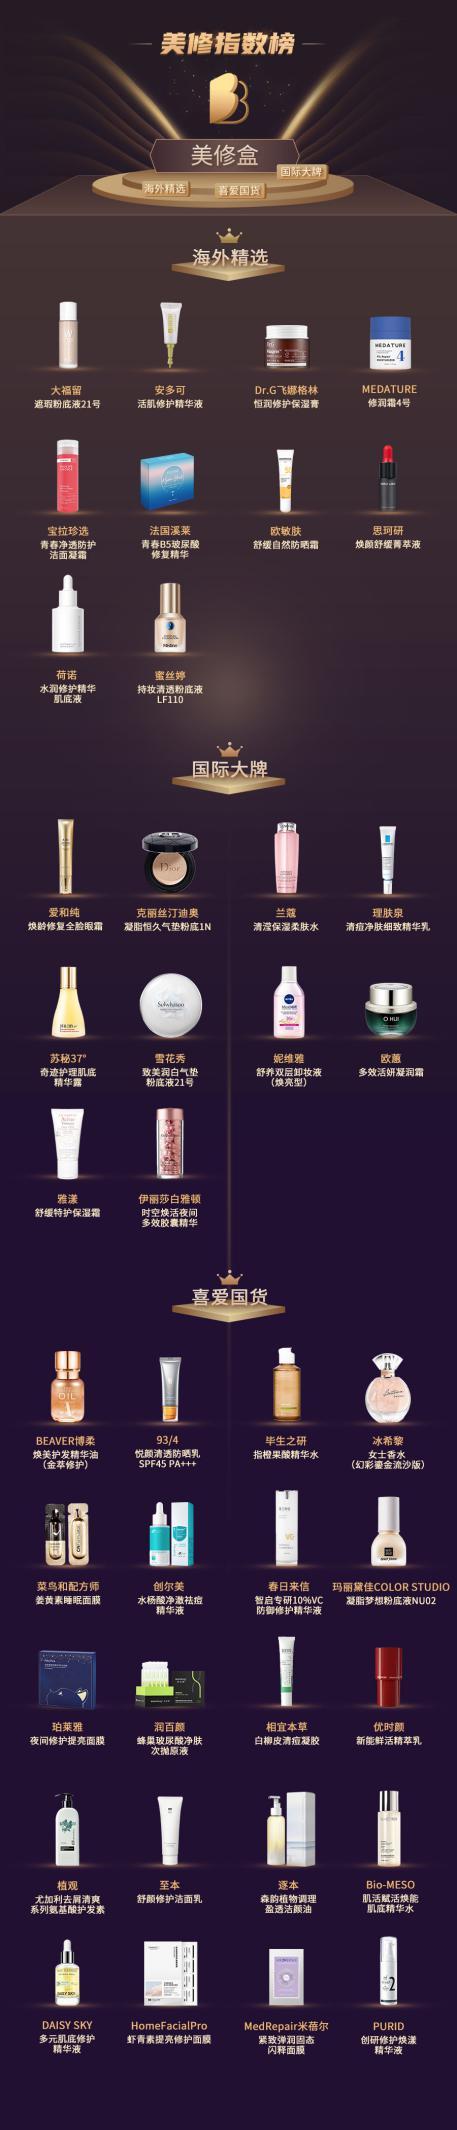 年度美修指数榜发布!为中国消费者提供美妆消费决策参考